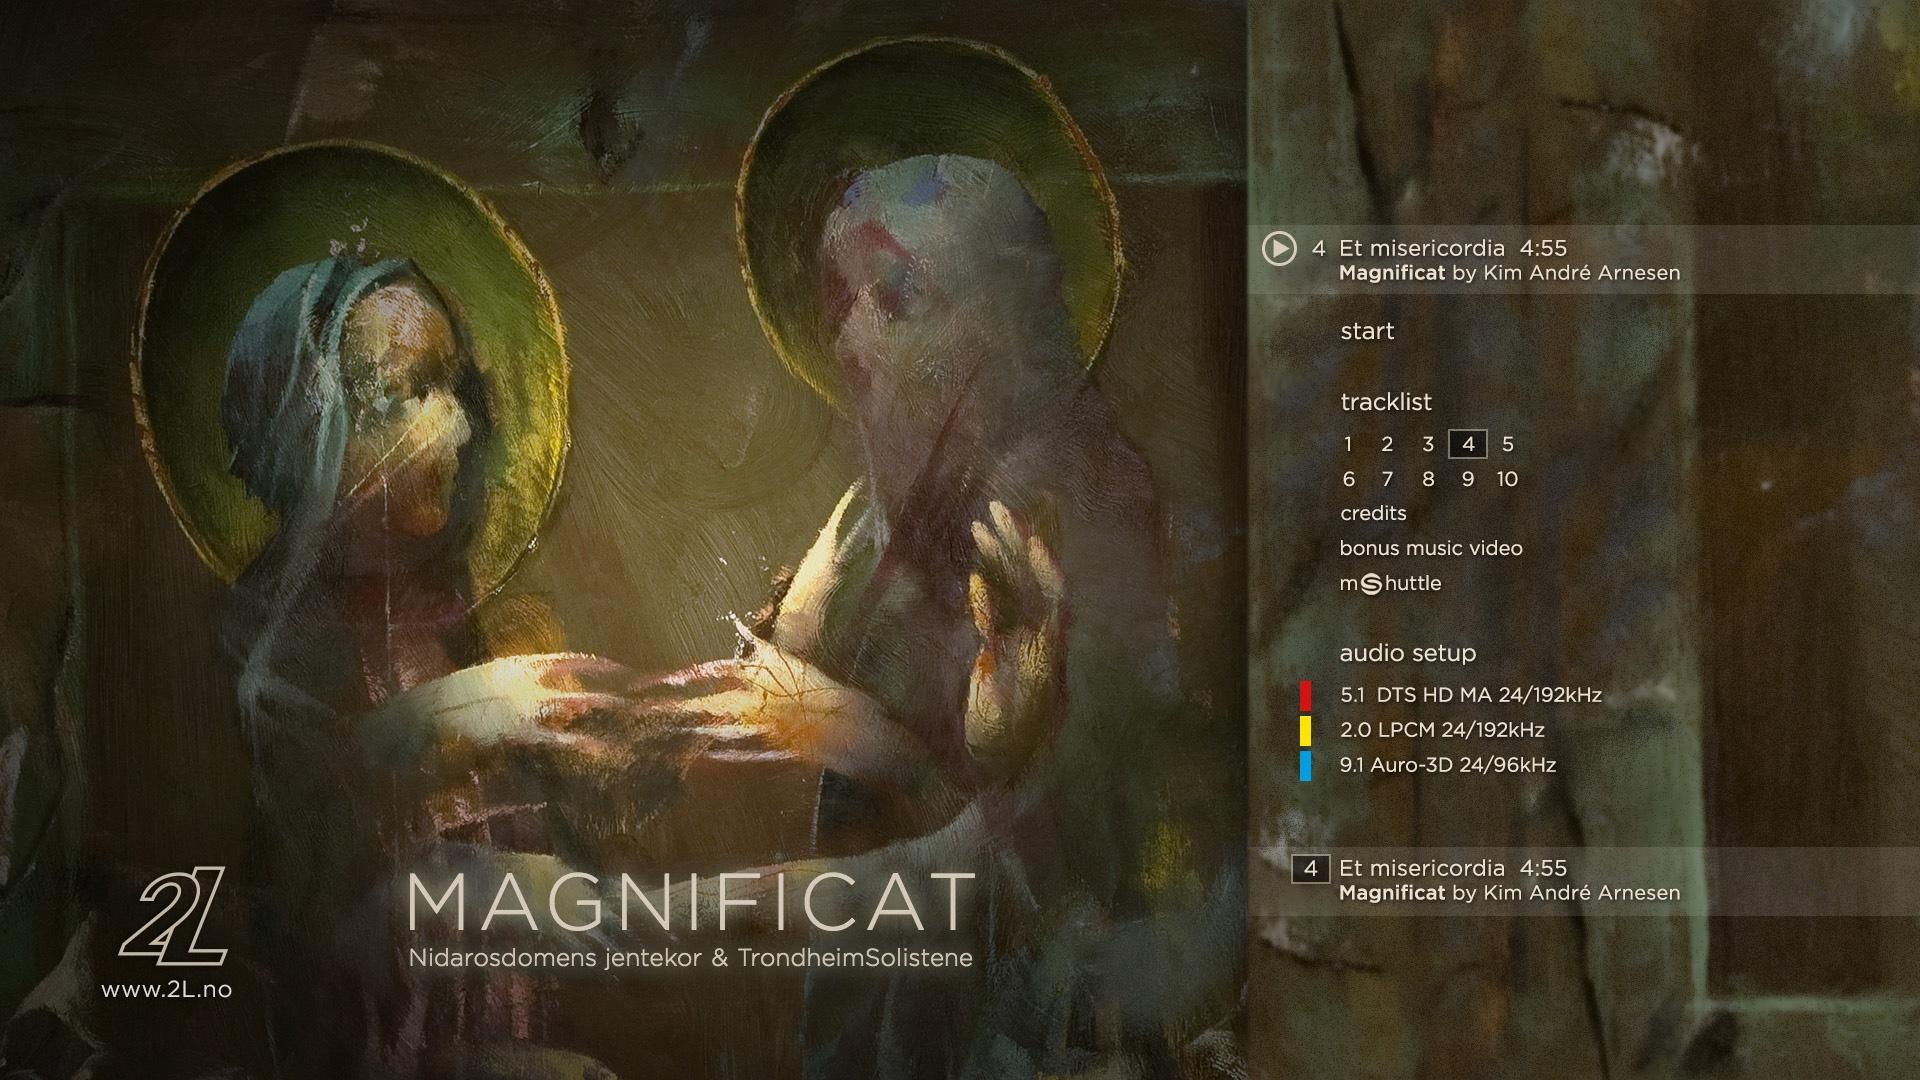 2L Magnificat